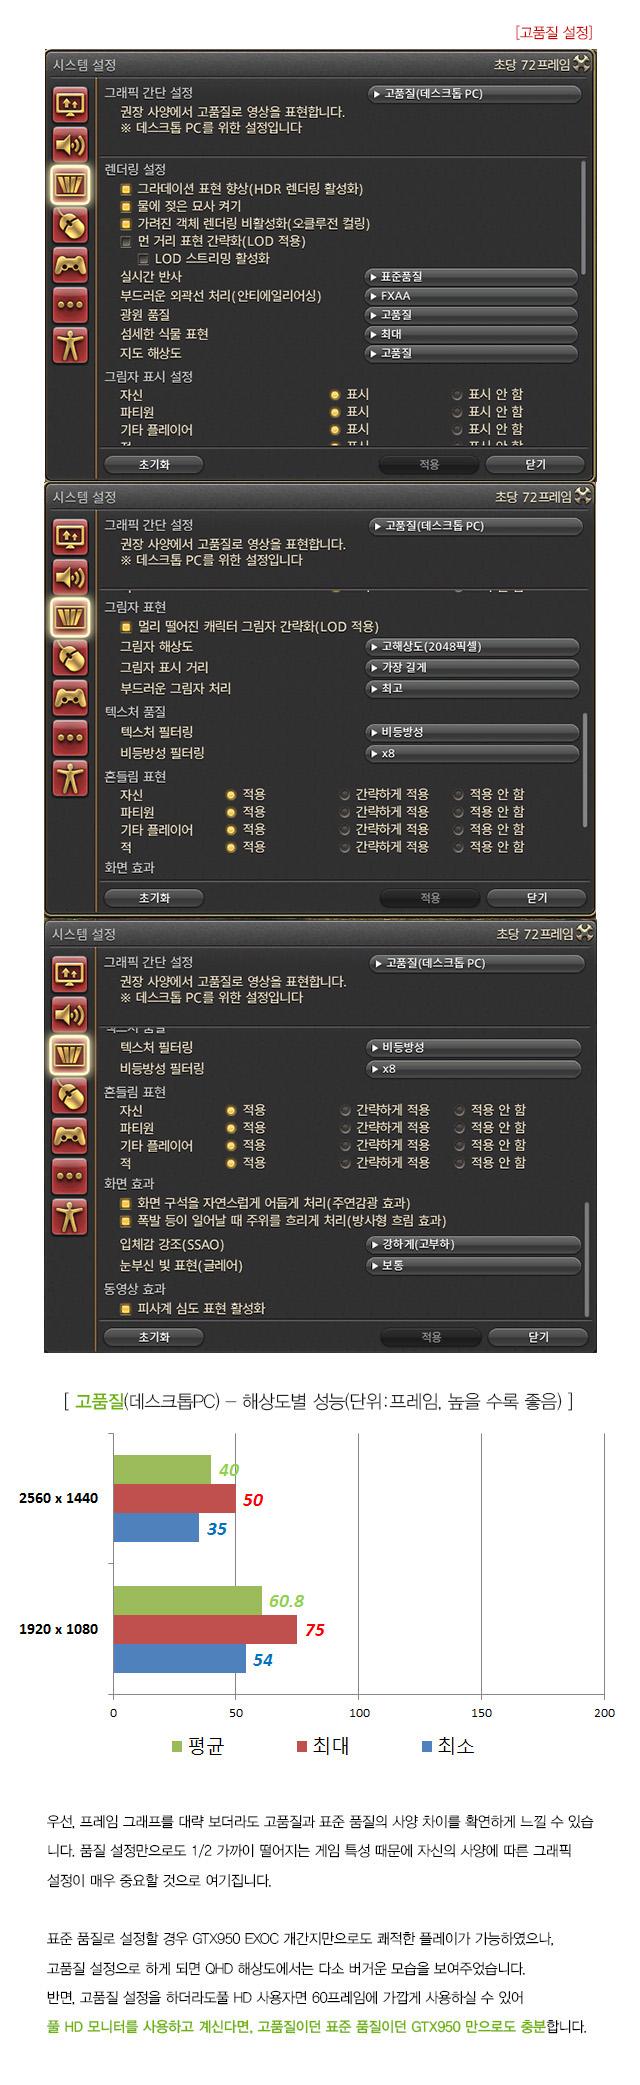 PR_GTX950_EXOC_개간지_09.jpg